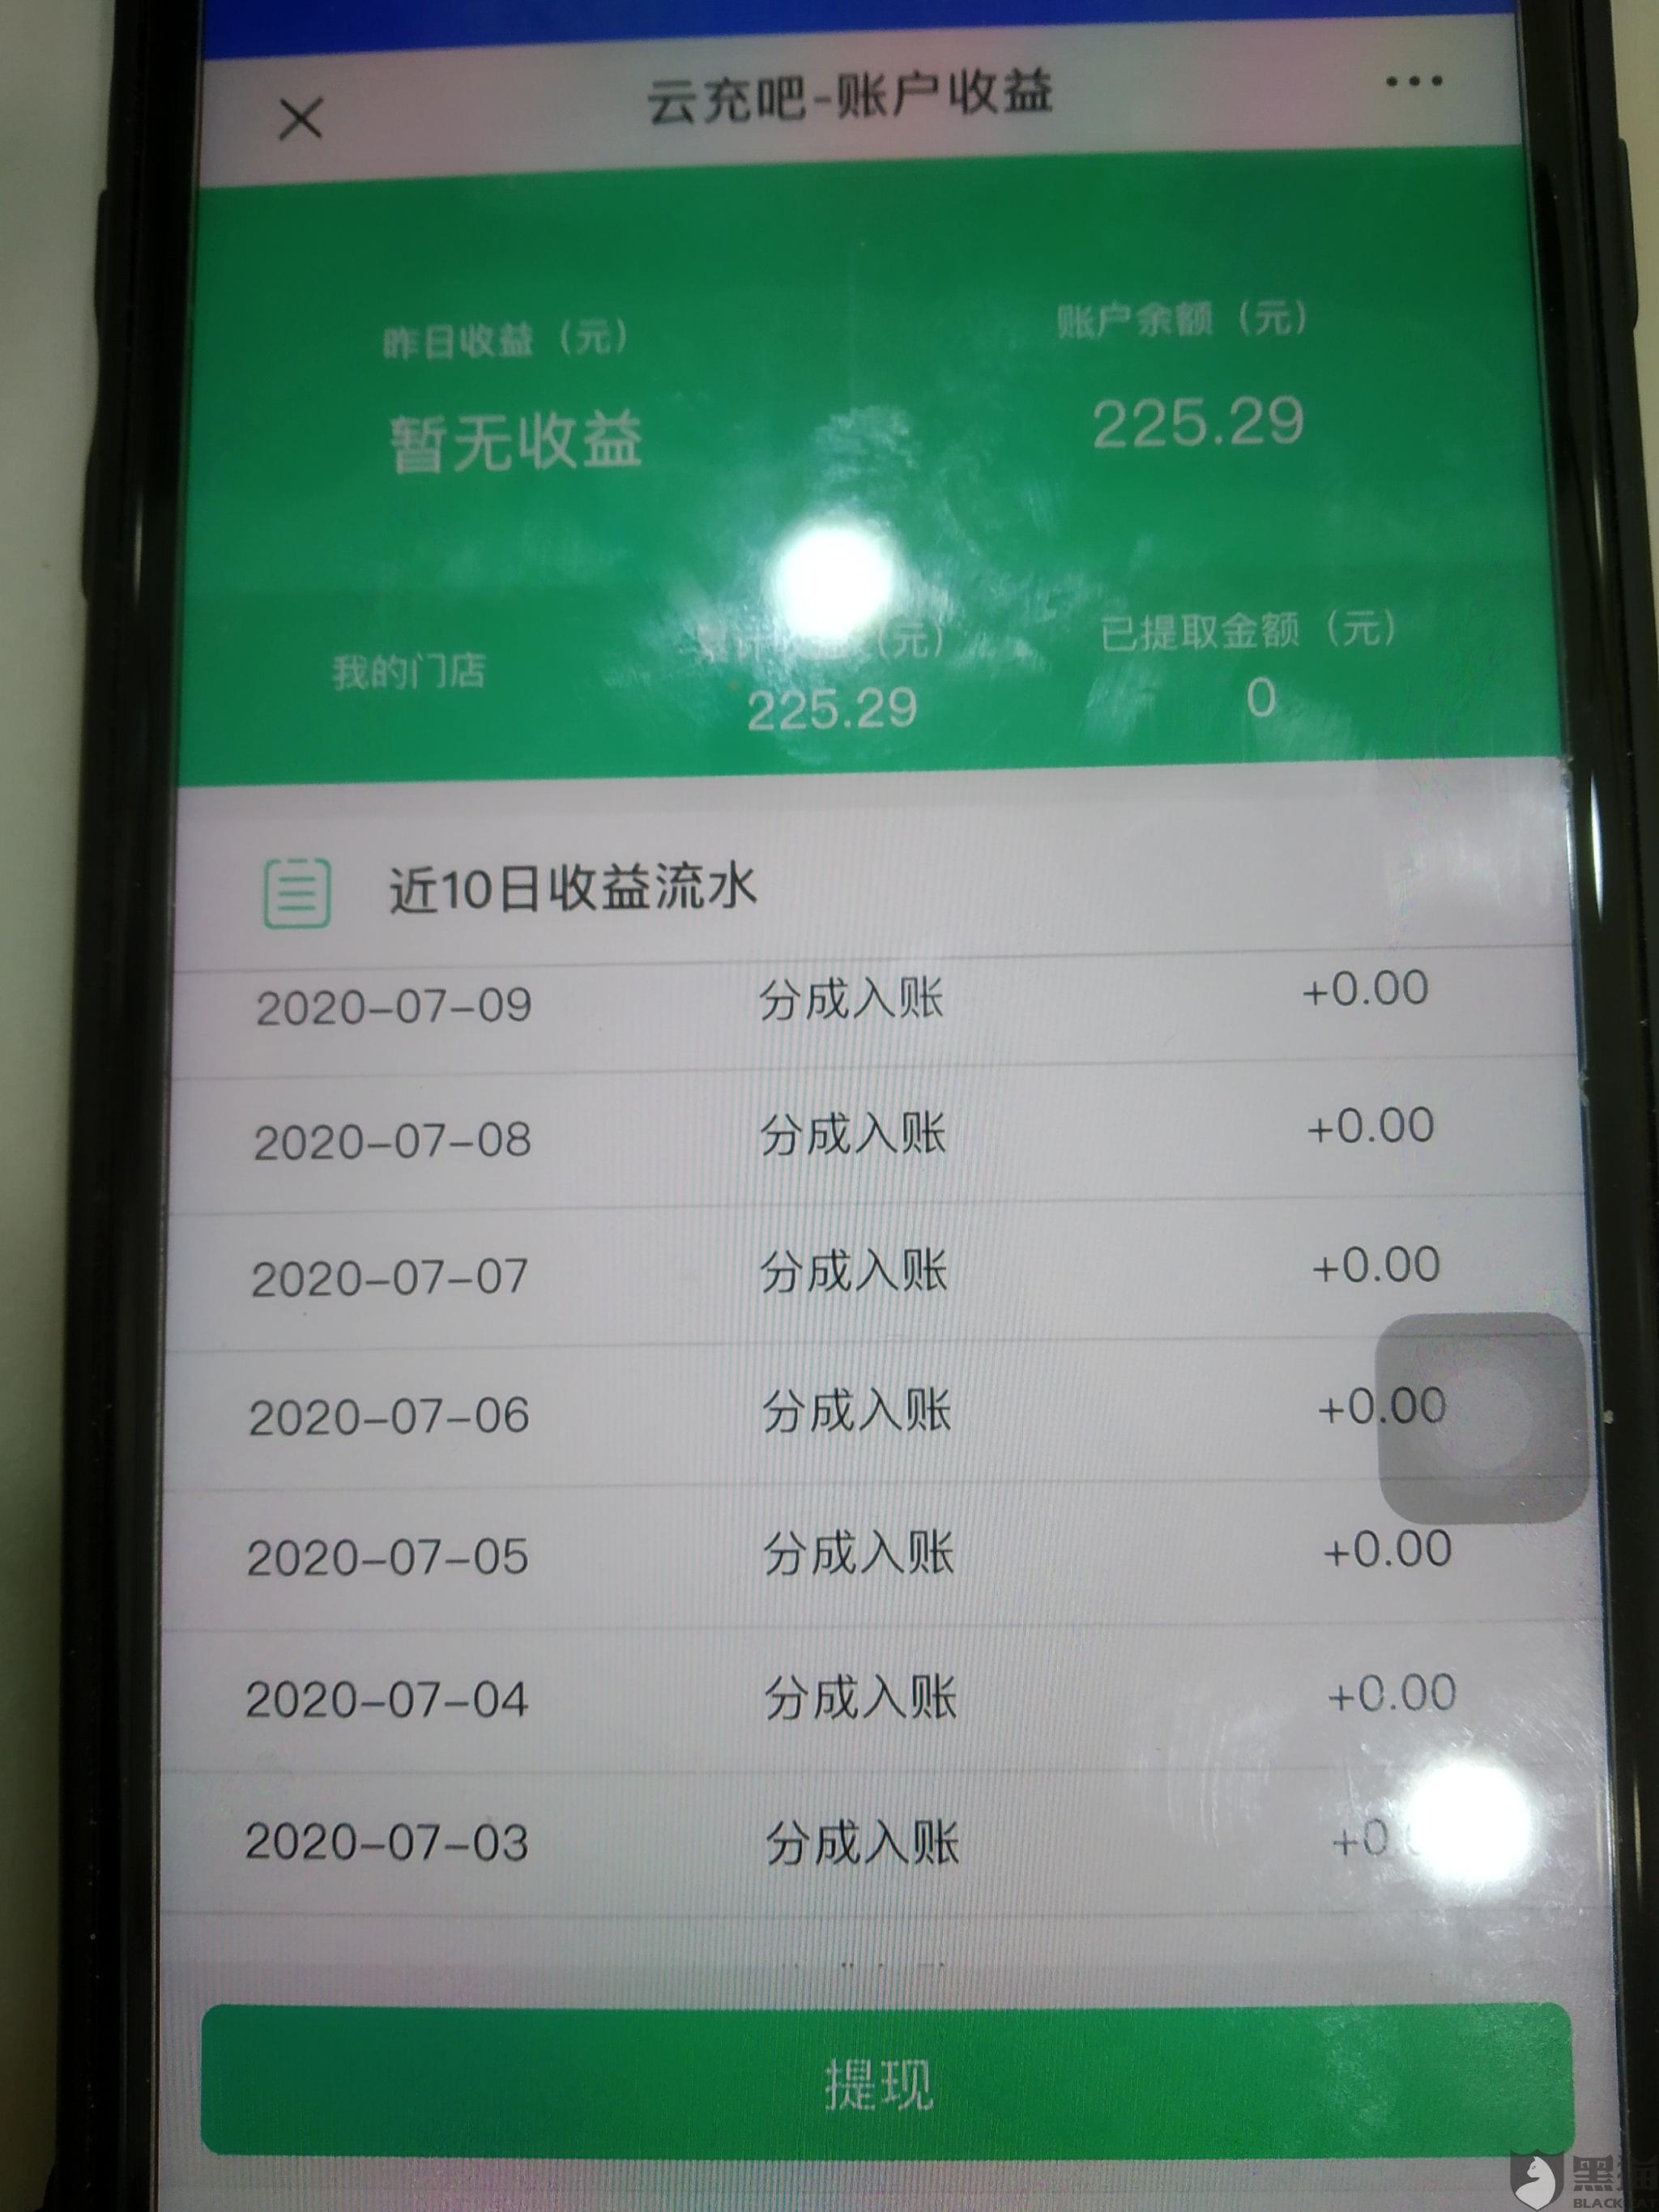 黑猫投诉:武汉市江岸区翠柏路叫了个炸鸡店,云充吧充电宝放在店里,五五分成,既然无法取现